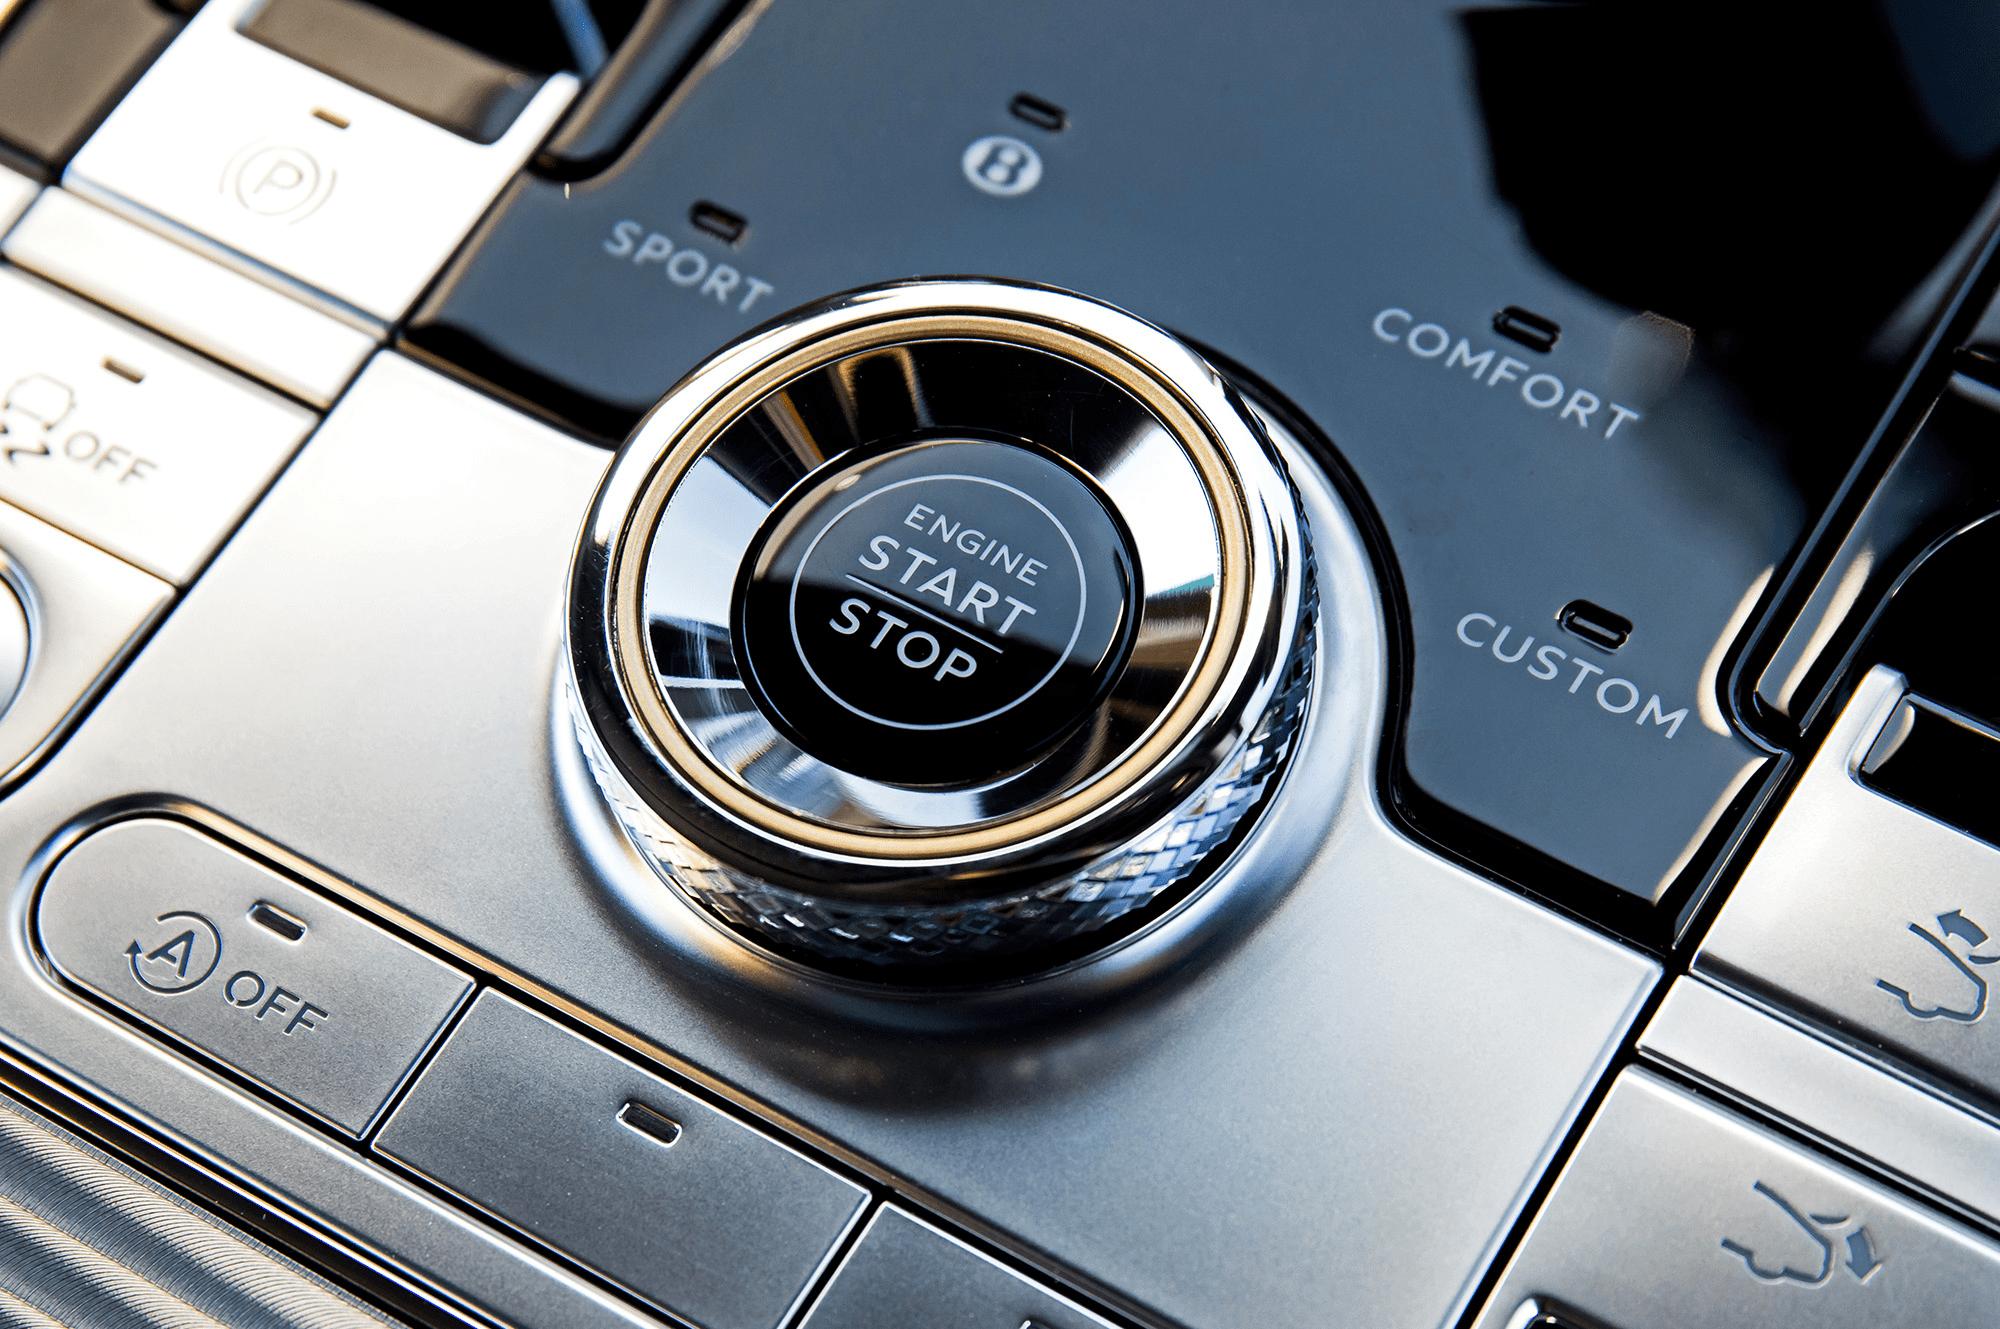 Кнопка запуска двигателя, совмещающая в себе шайбу переключения режимов езды, выглядит так.